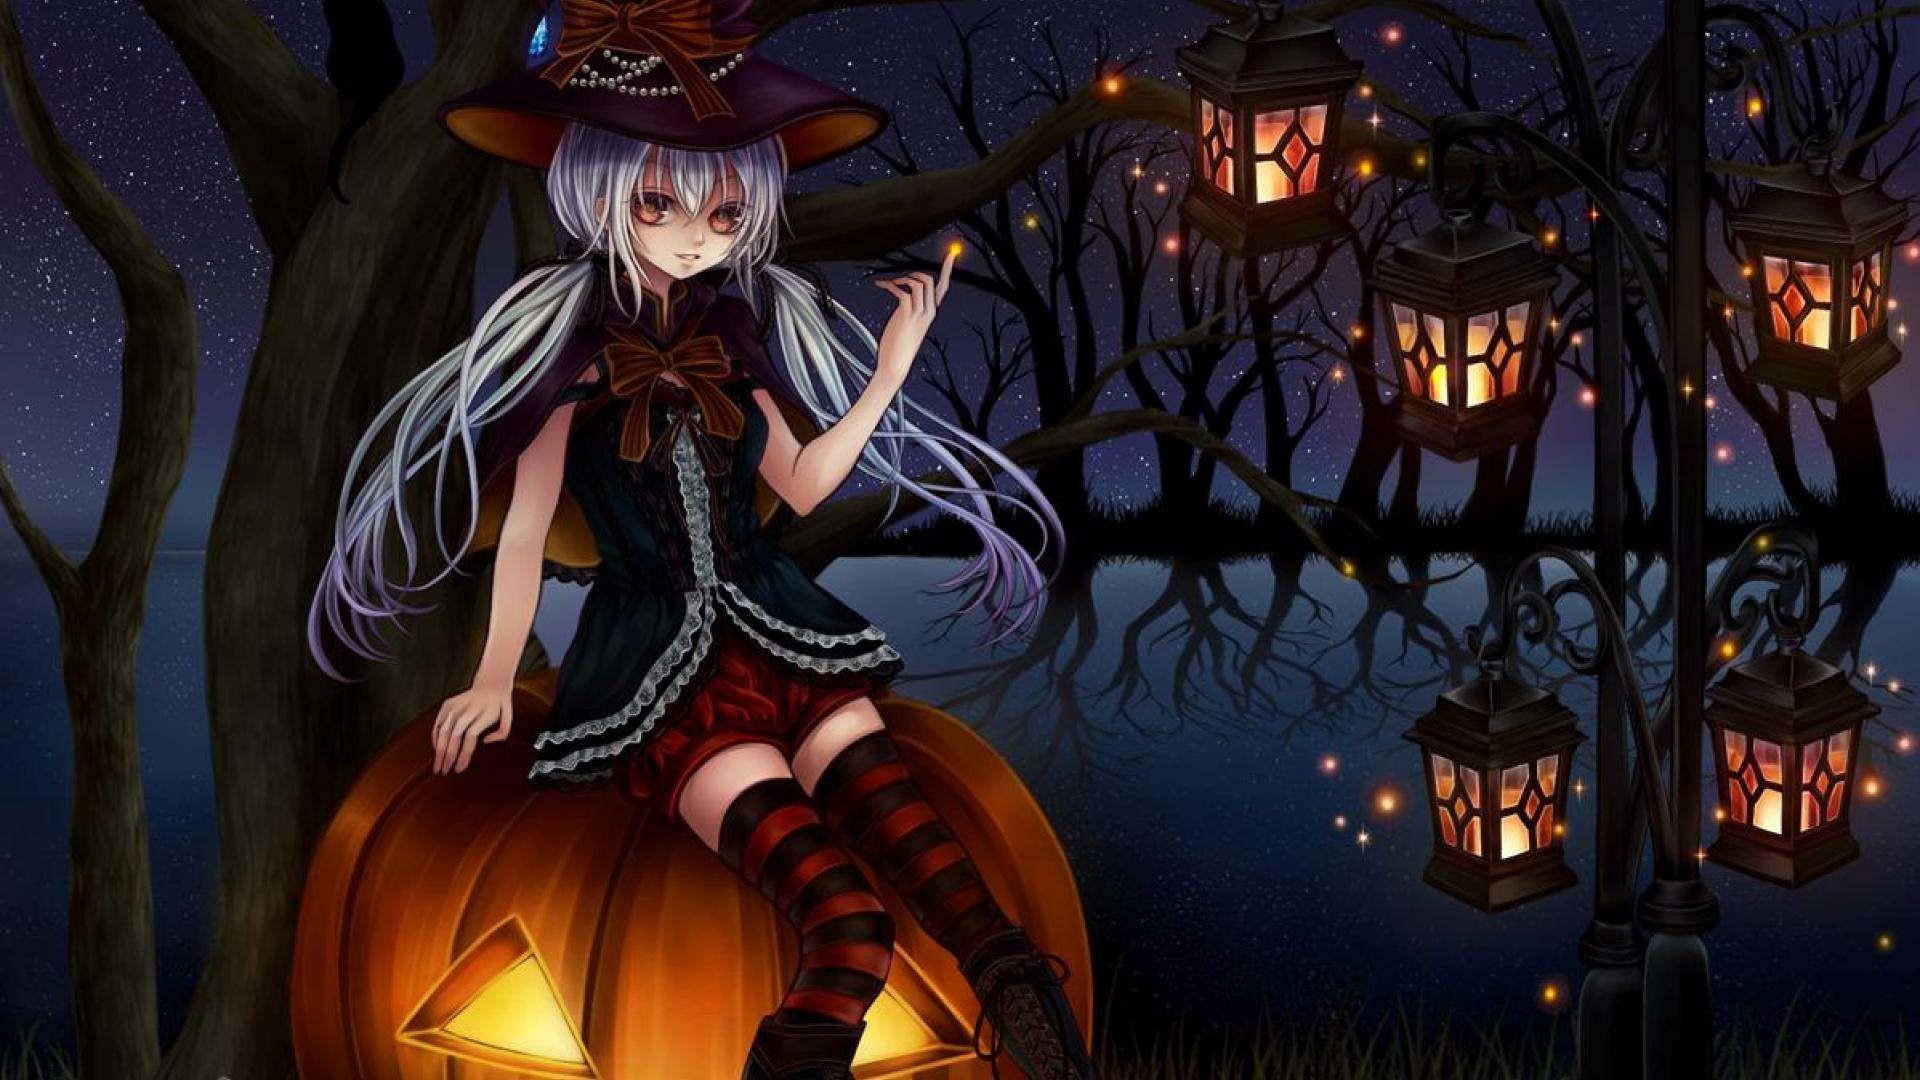 … Halloween Wallpaper 6 …